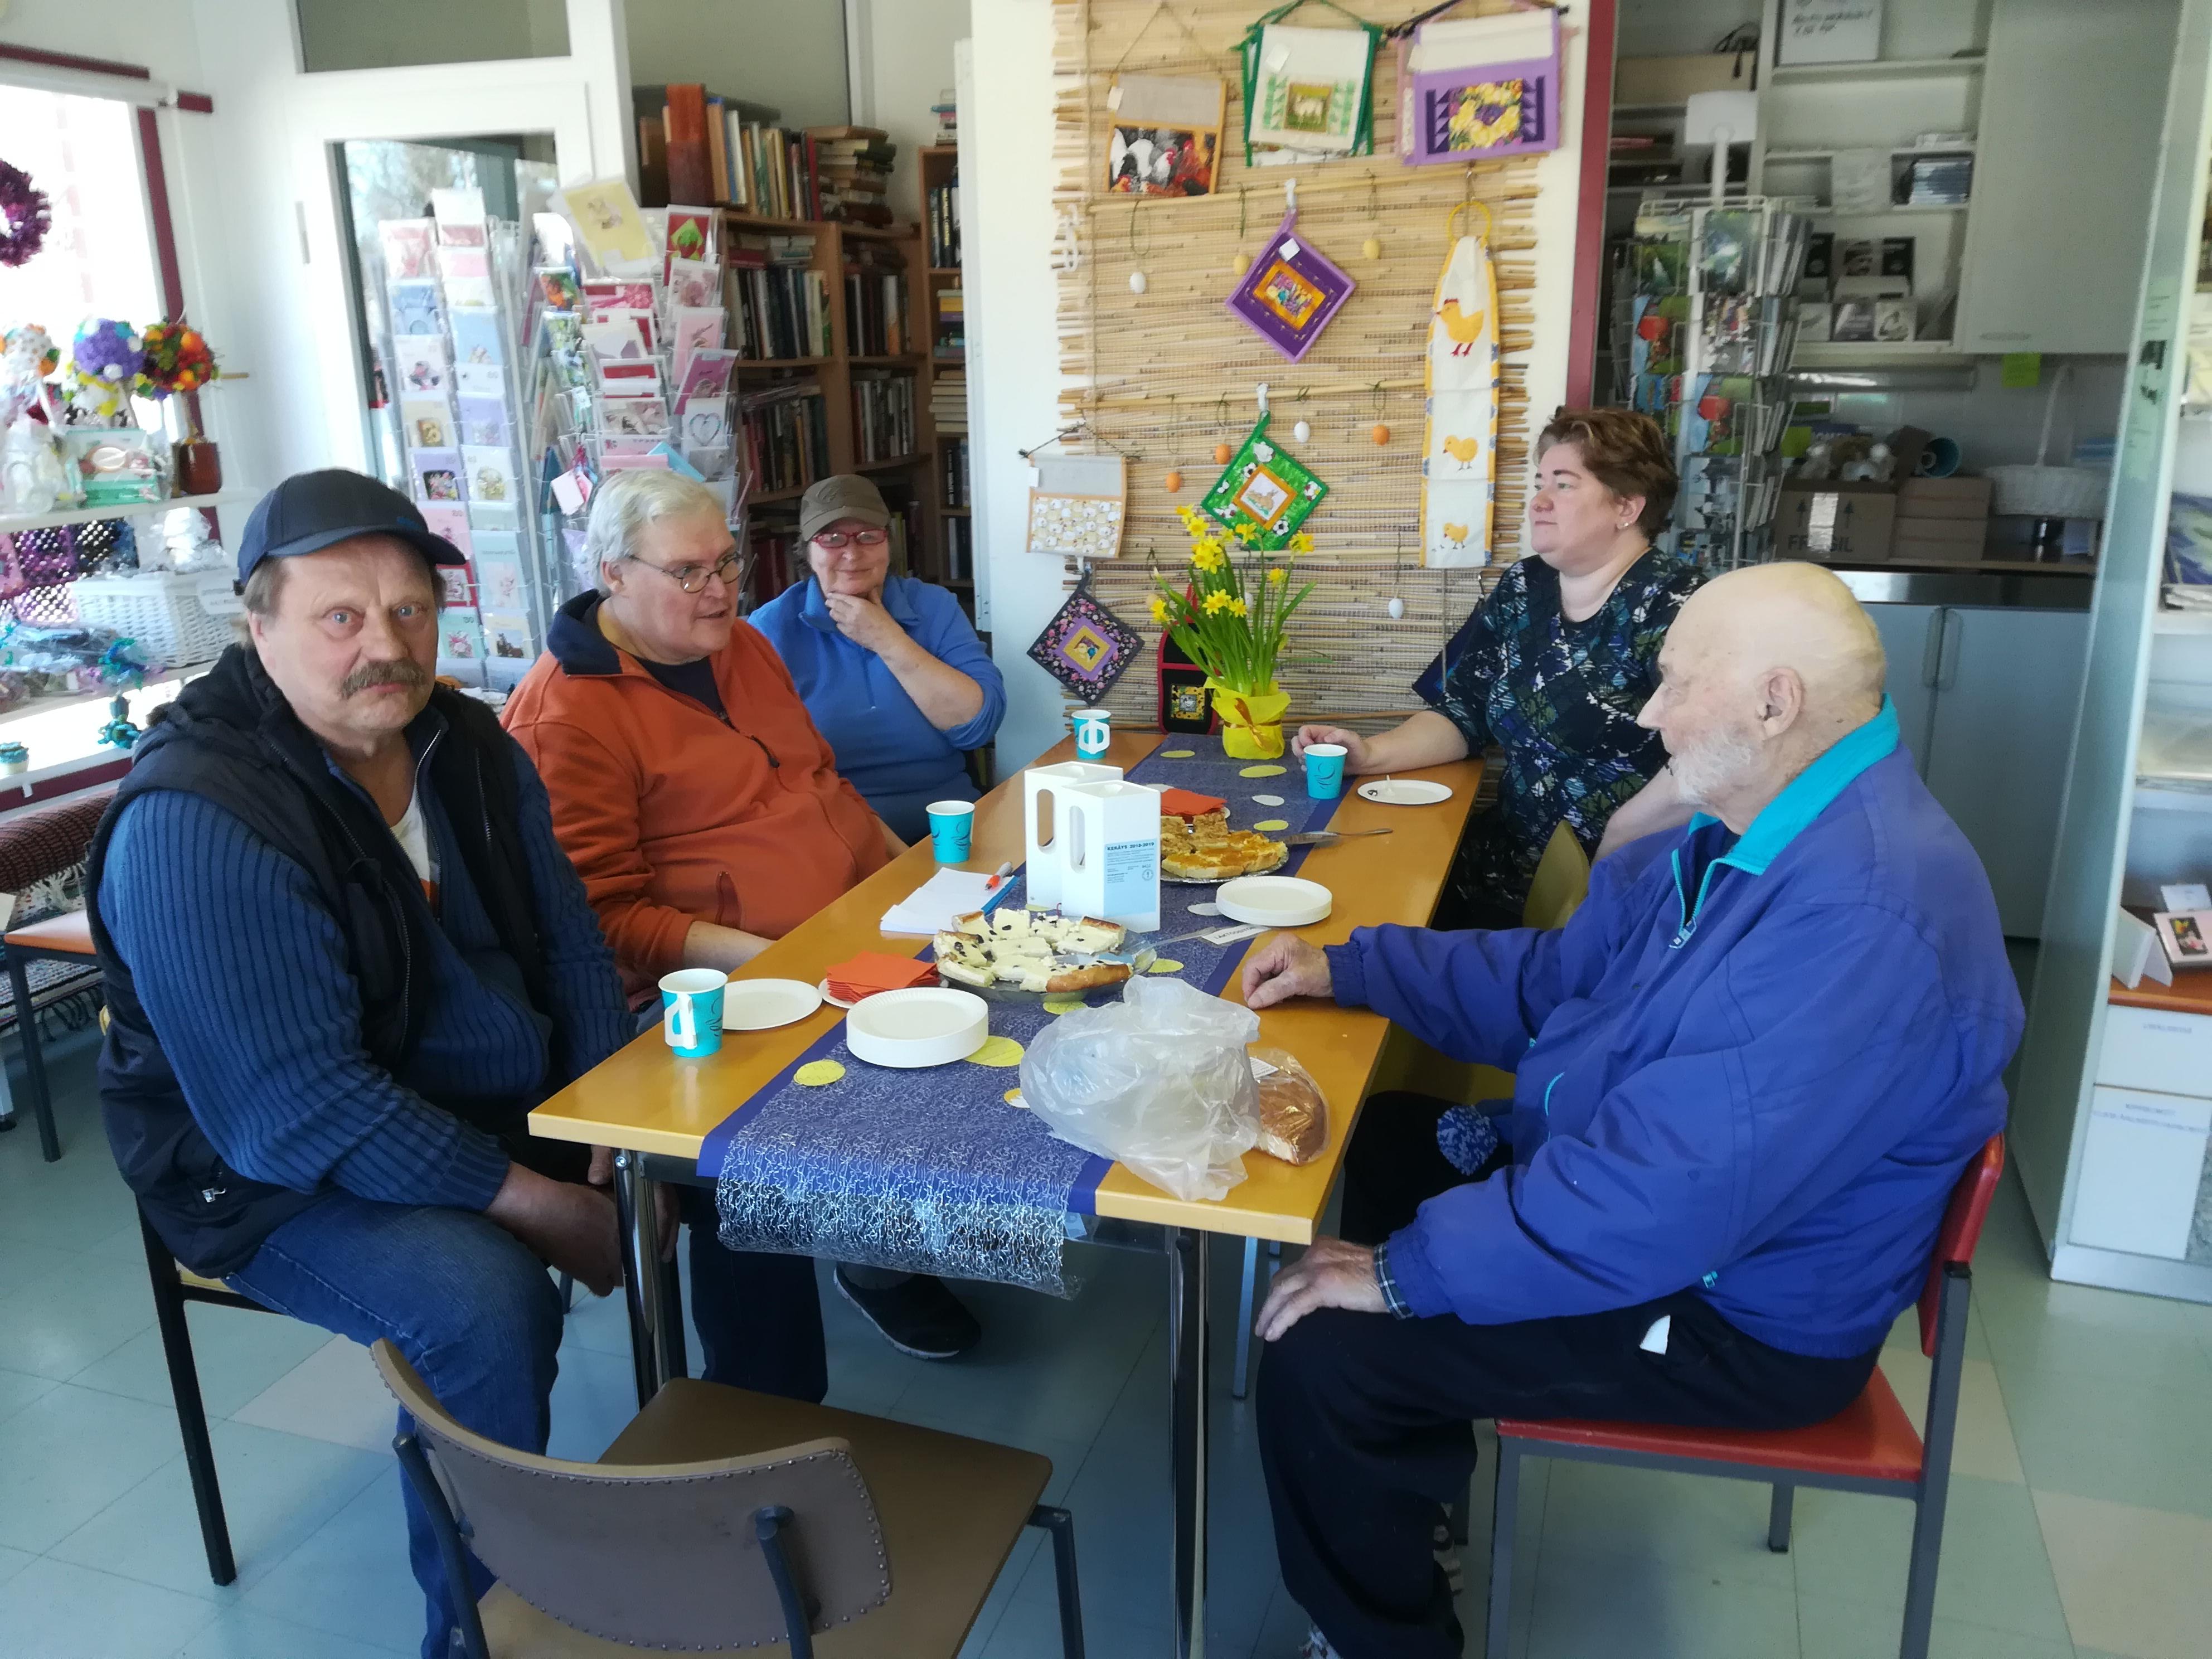 Kahvittelun lomassa käytiin paljon mukavia keskusteluja.